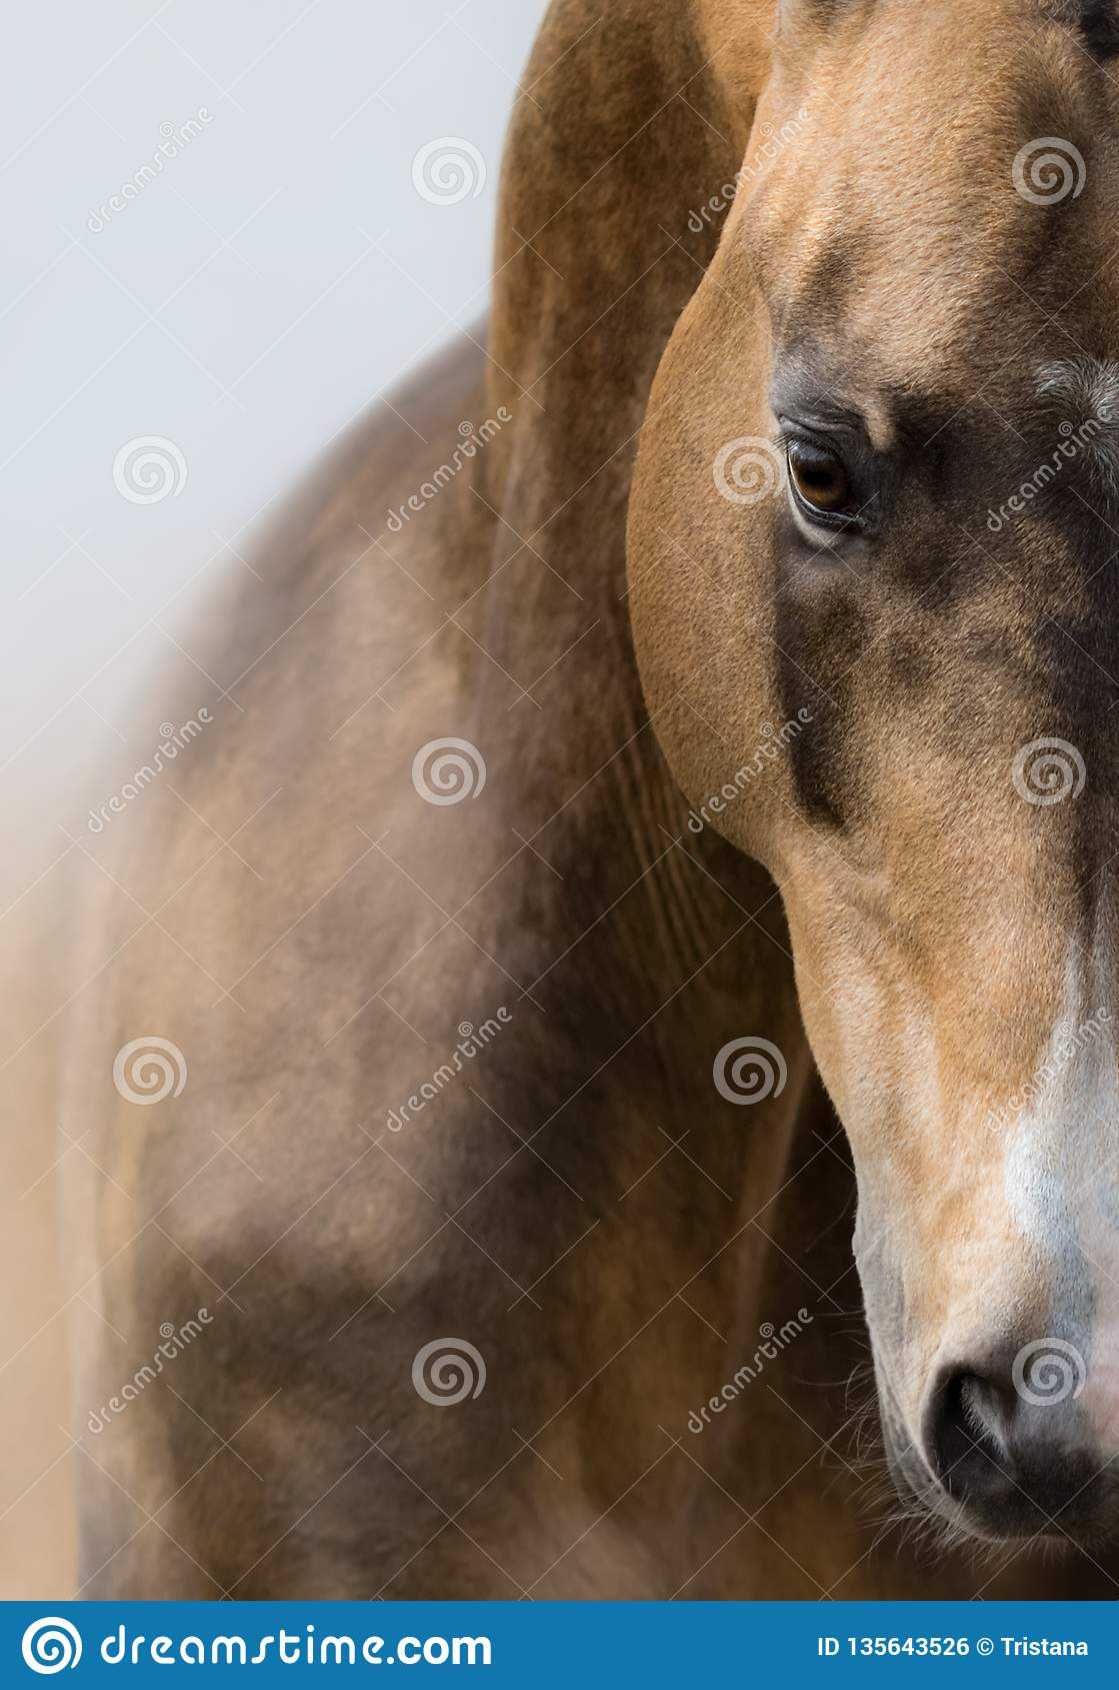 Ritratto alto vicino del cavallo dorato dell acaro degli agrumi di Akhalteke